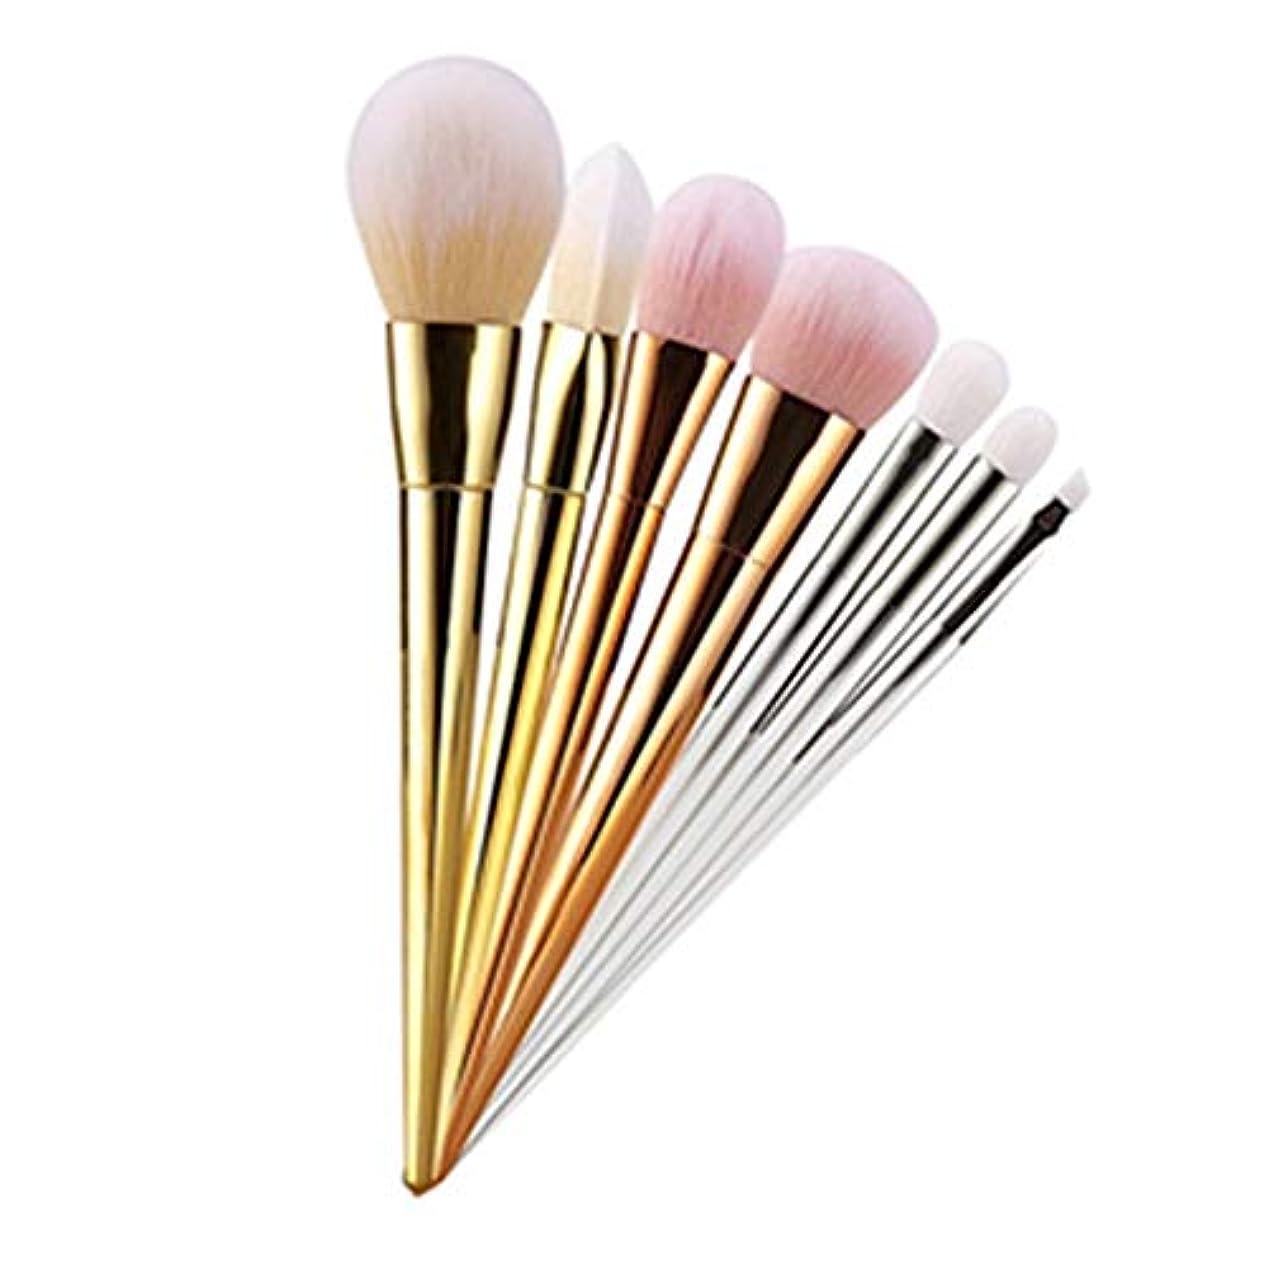 消防士ダーリン運営美容メイク 7ピース 化粧ブラシセット メイクブラシ 化粧筆 シリーズ 化粧ブラシセット 高級タクロン 超柔らかい 可愛い